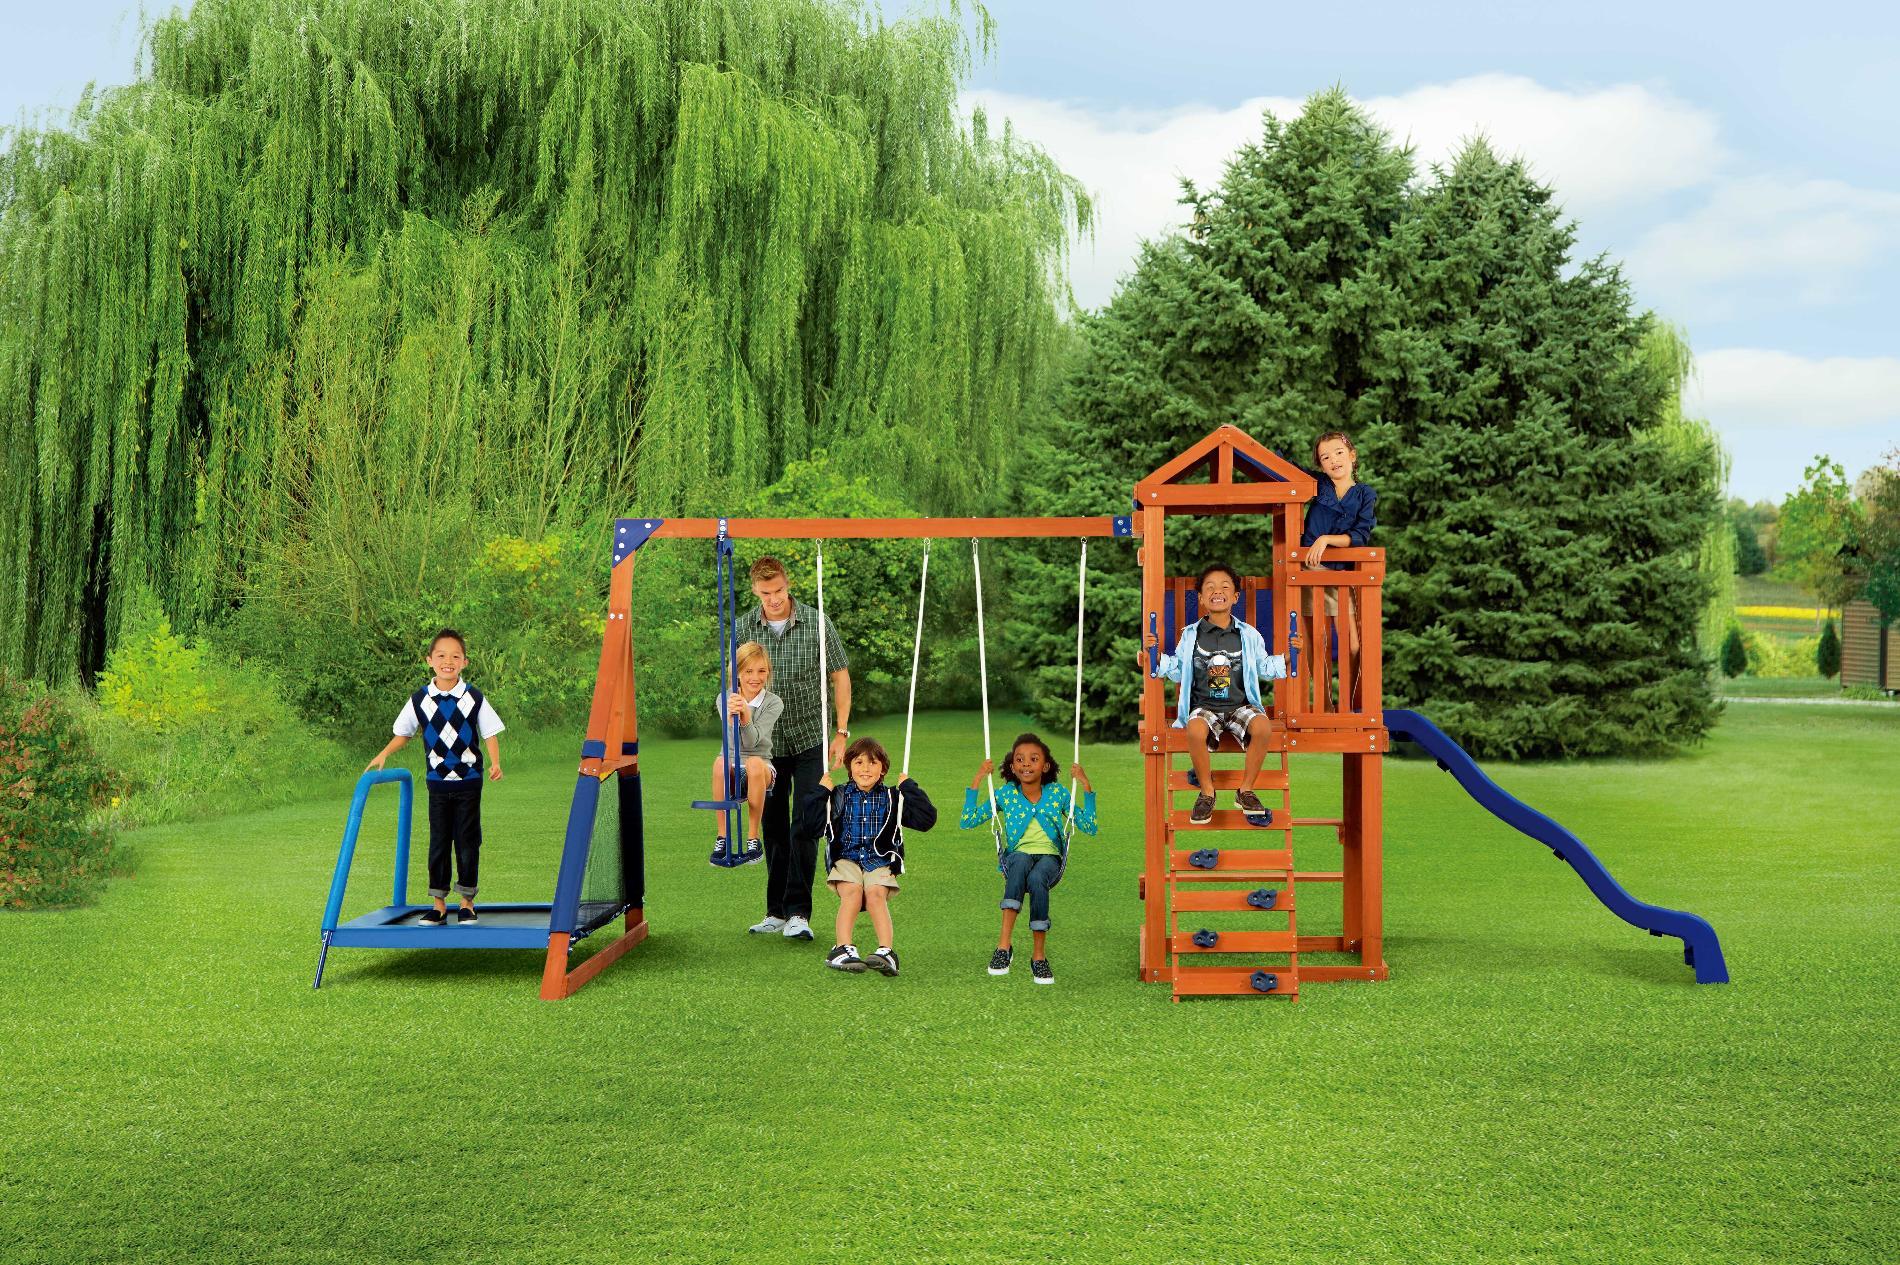 Sears Com Swing Set Backyard Trampoline Wooden